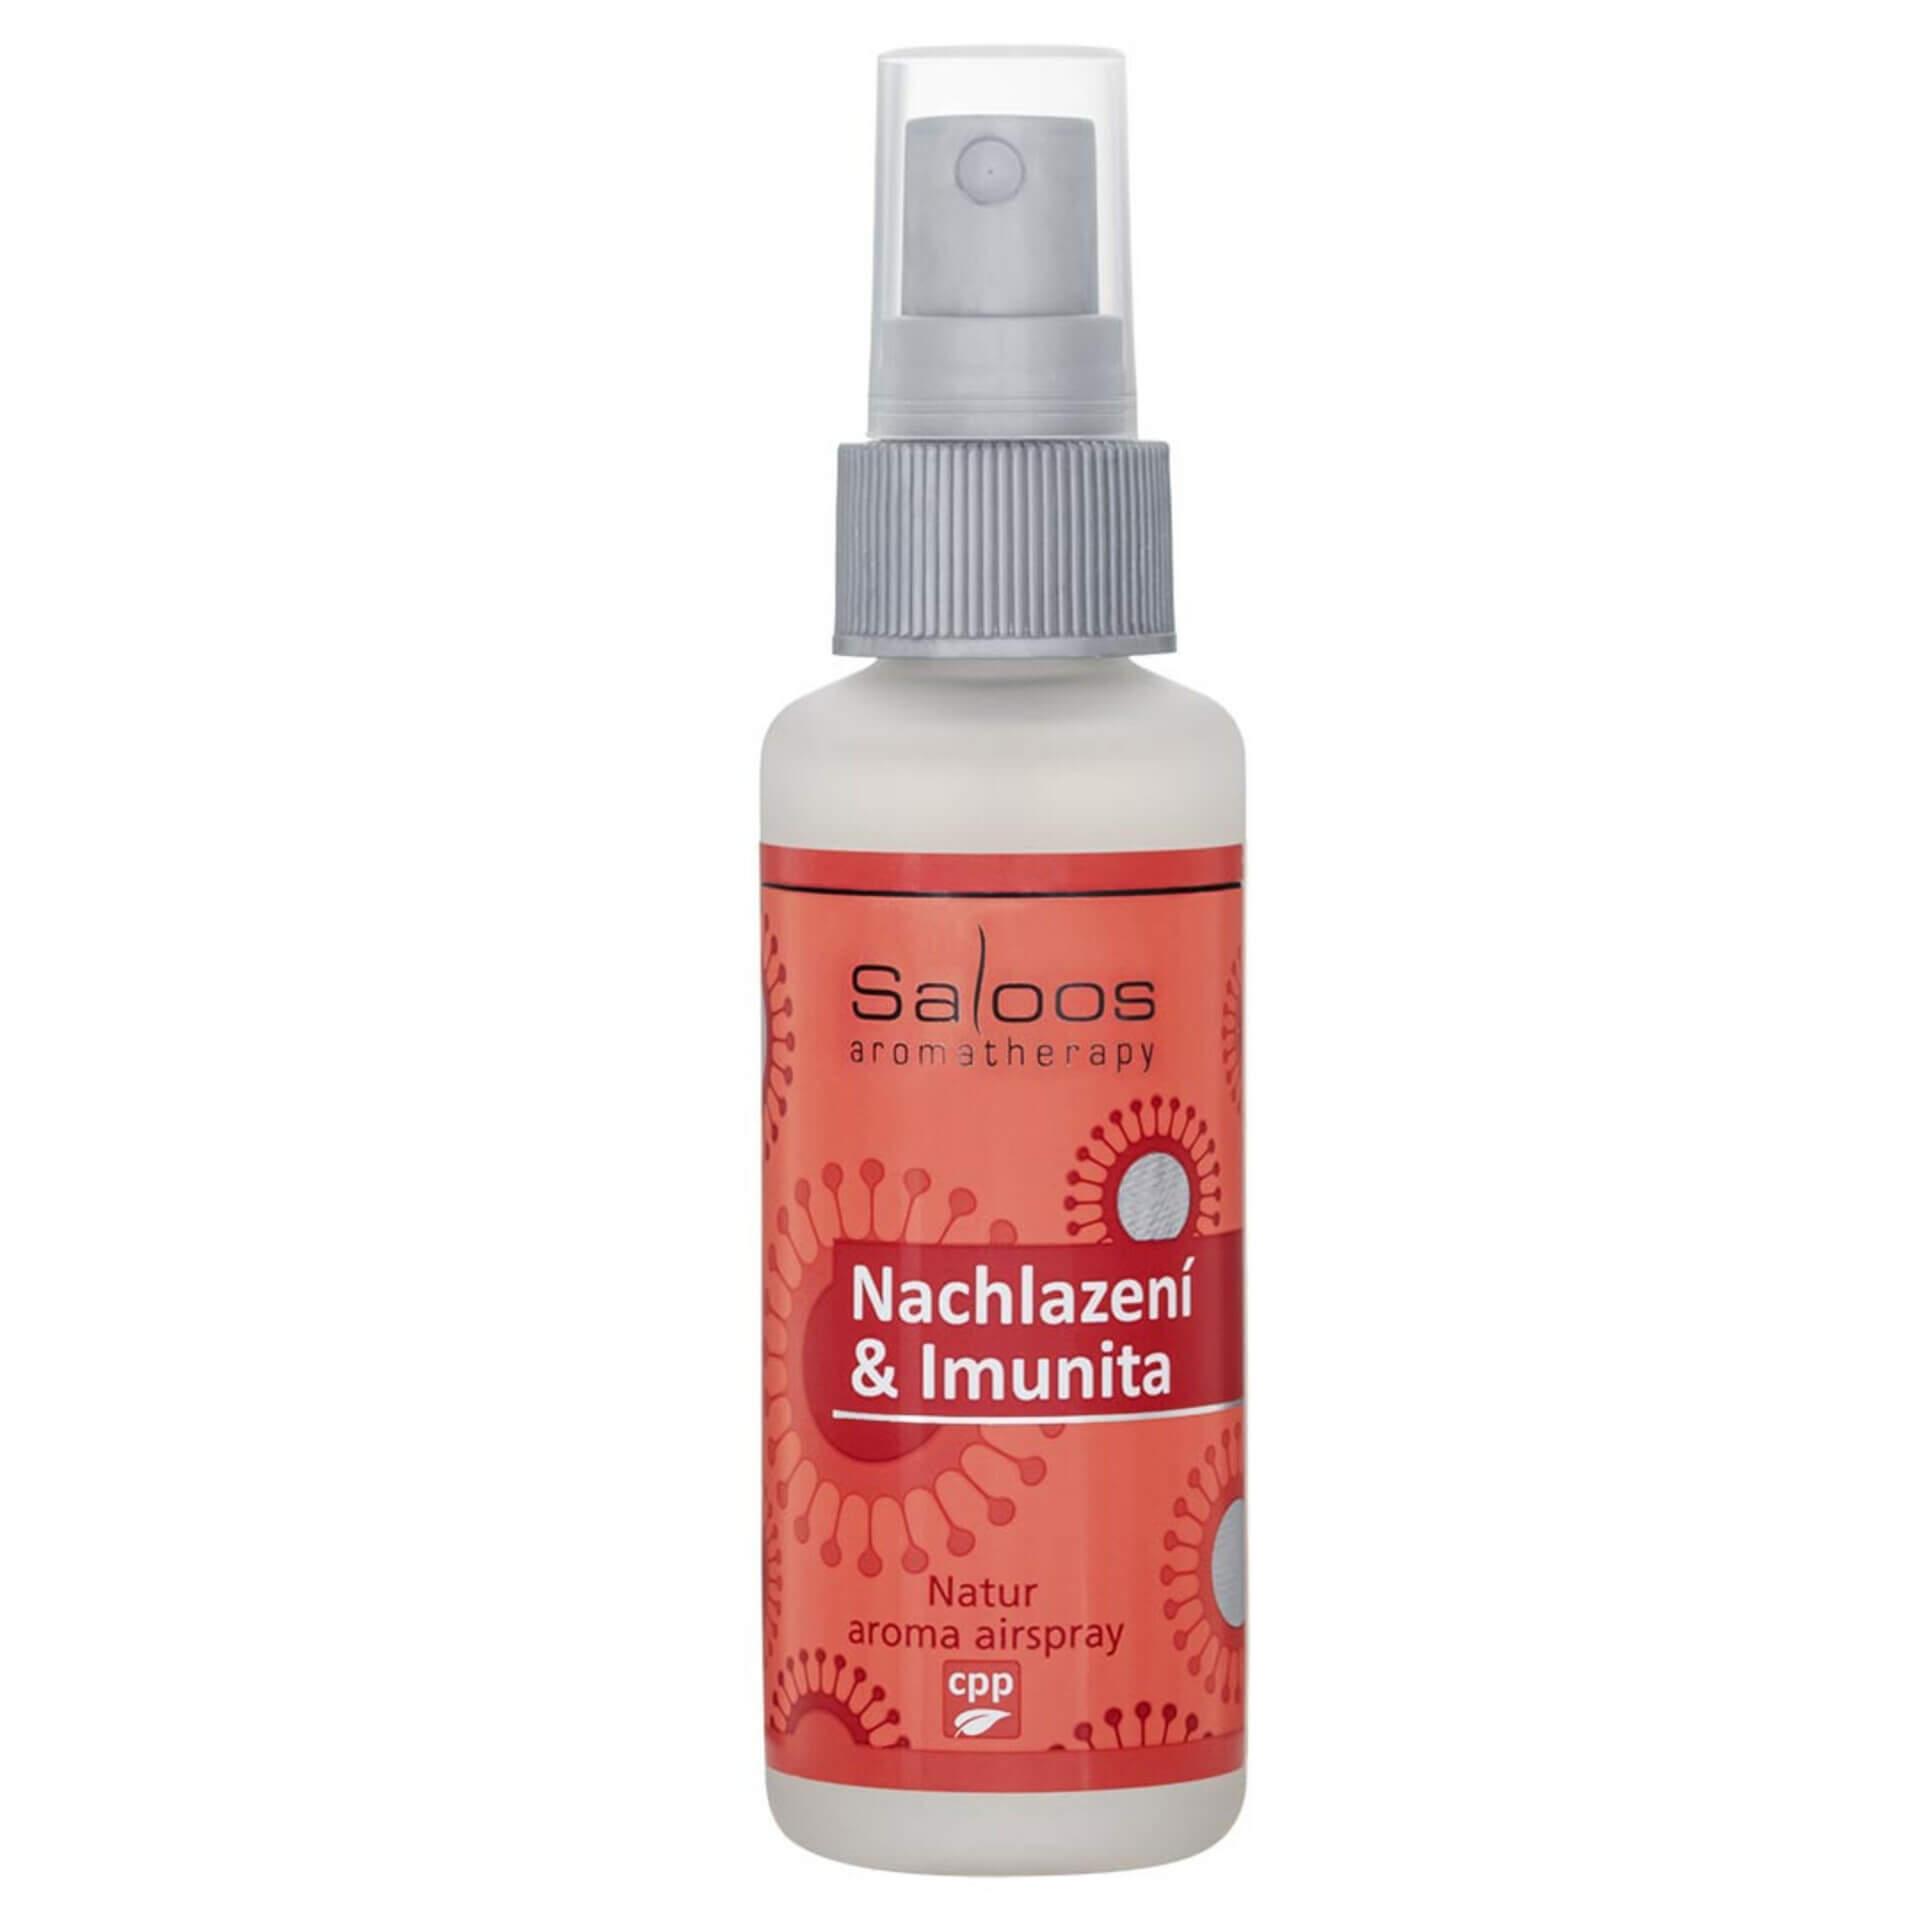 Saloos Natur aroma airspray Nachlazení & Imunita 50 ml